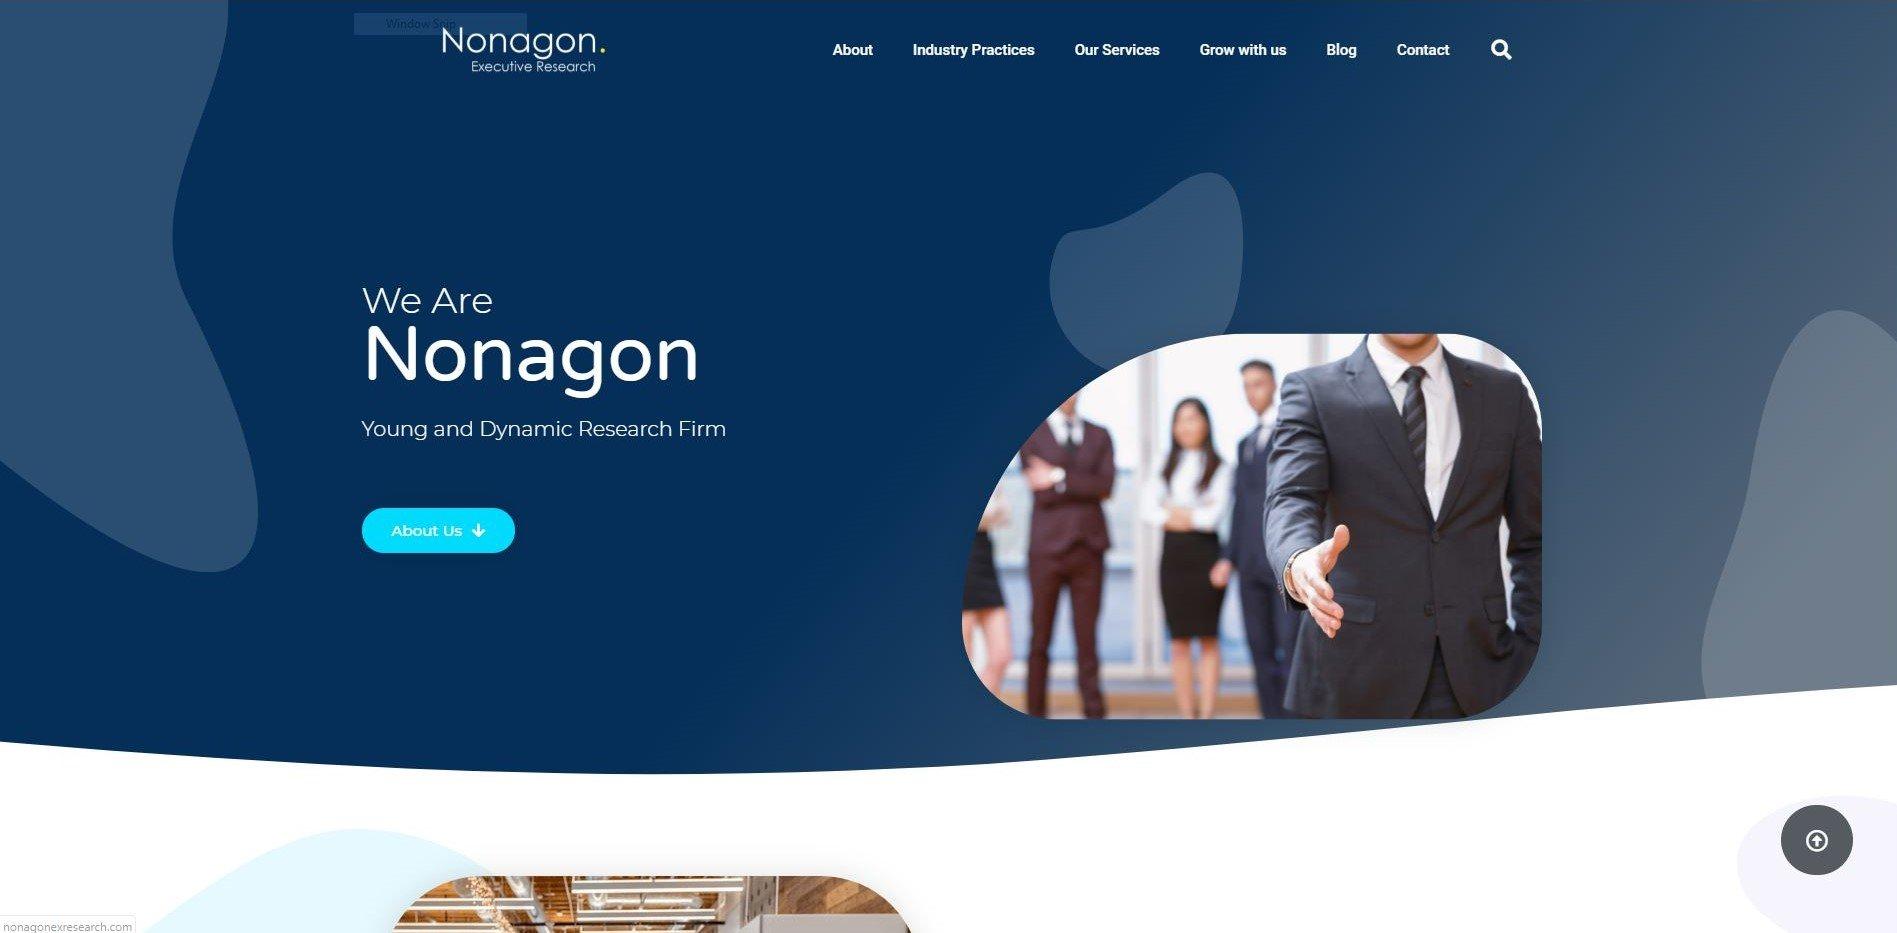 Nonagon Executive research